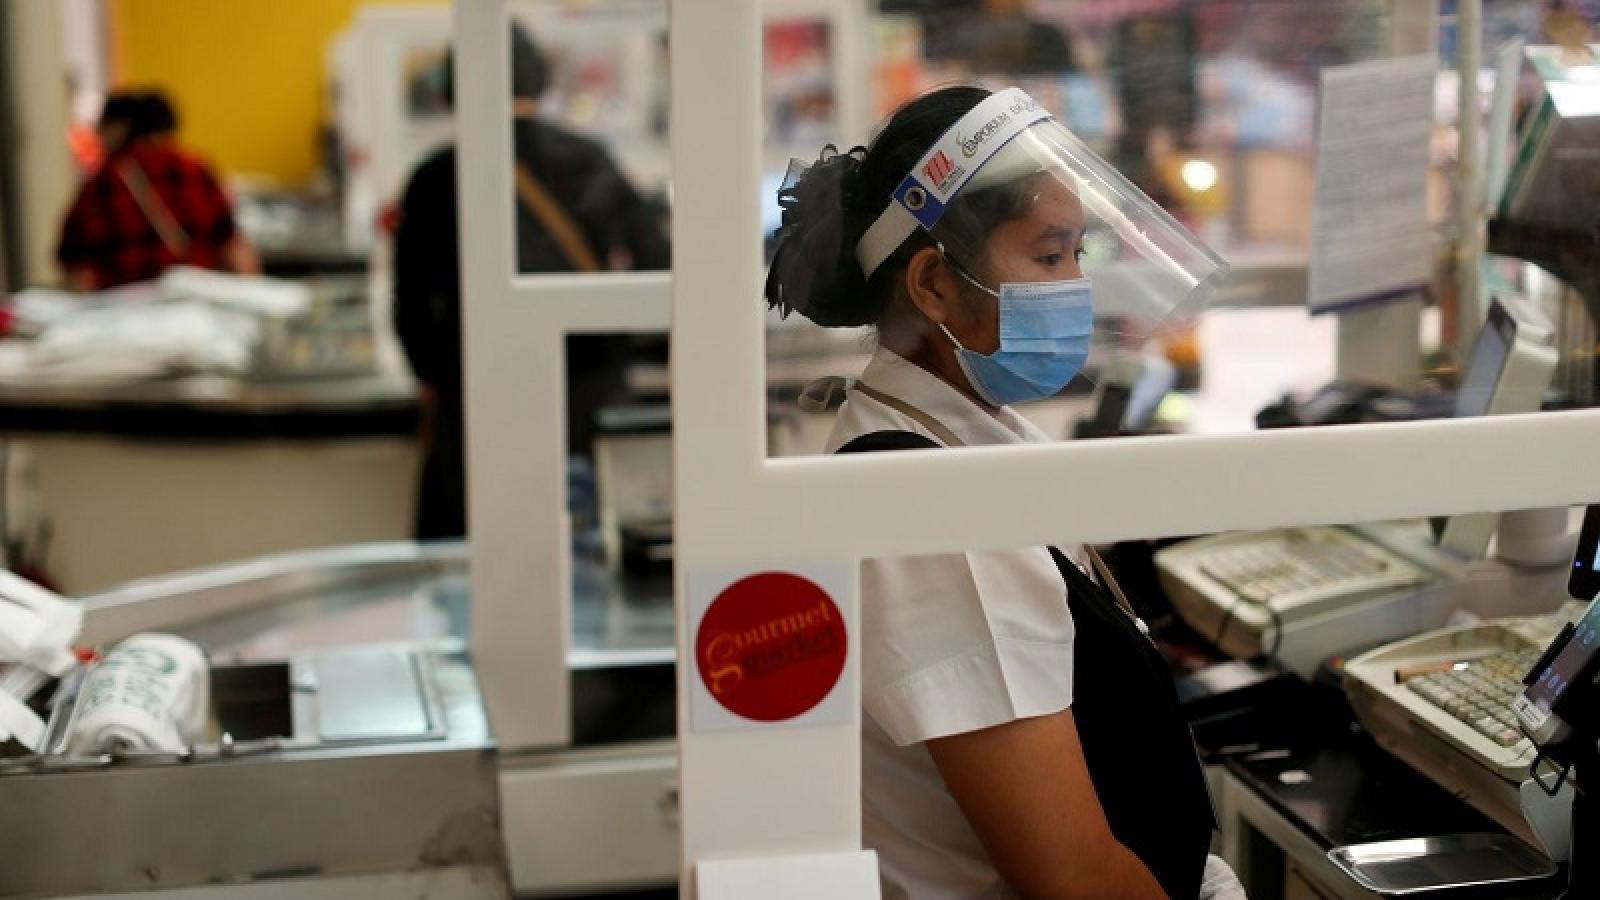 Kinh tế Thái Lan được dự báo tăng trưởng trở lại trong năm 2021